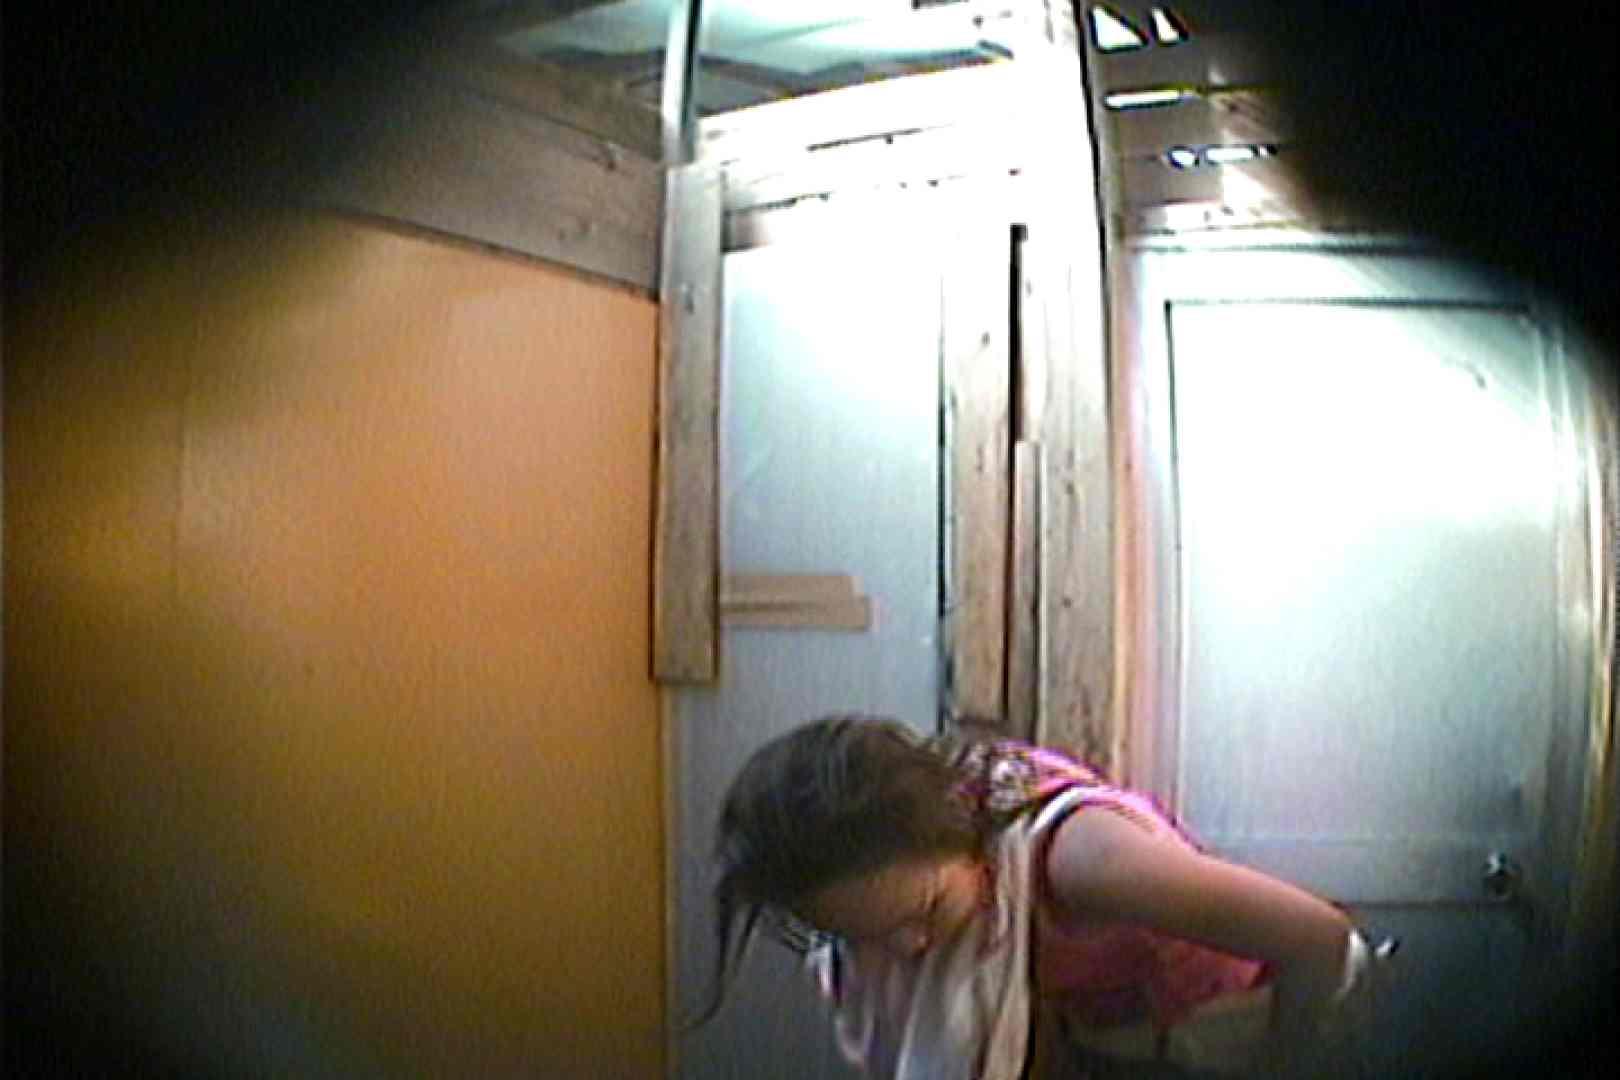 海の家の更衣室 Vol.15 色っぽいOL達 隠し撮りオマンコ動画紹介 95pic 20